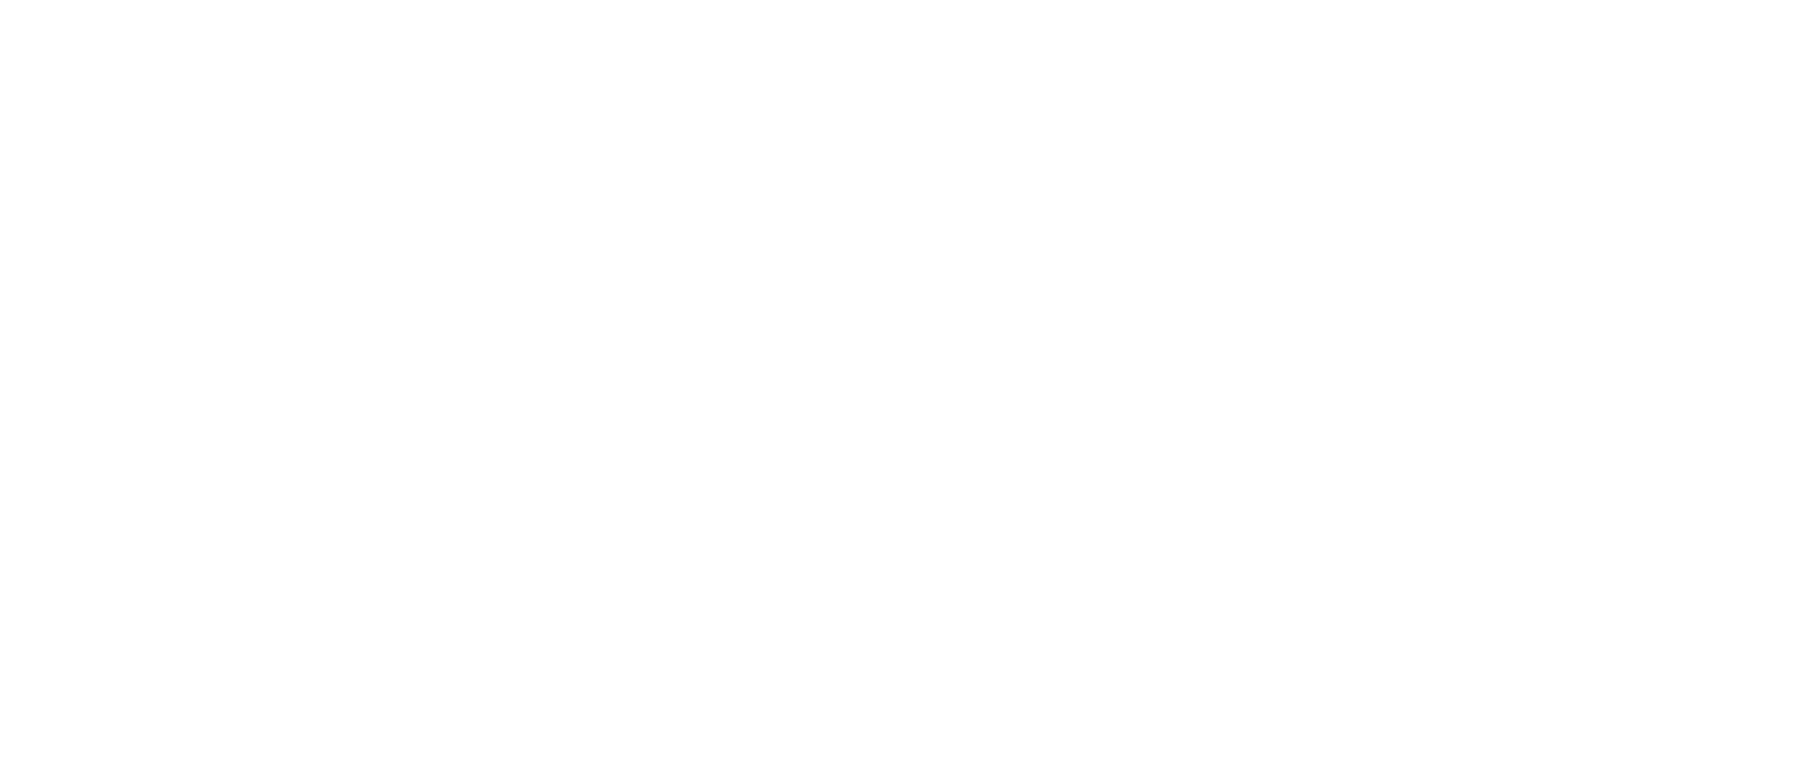 16BKW-white-logo-(nobkgd) (1)